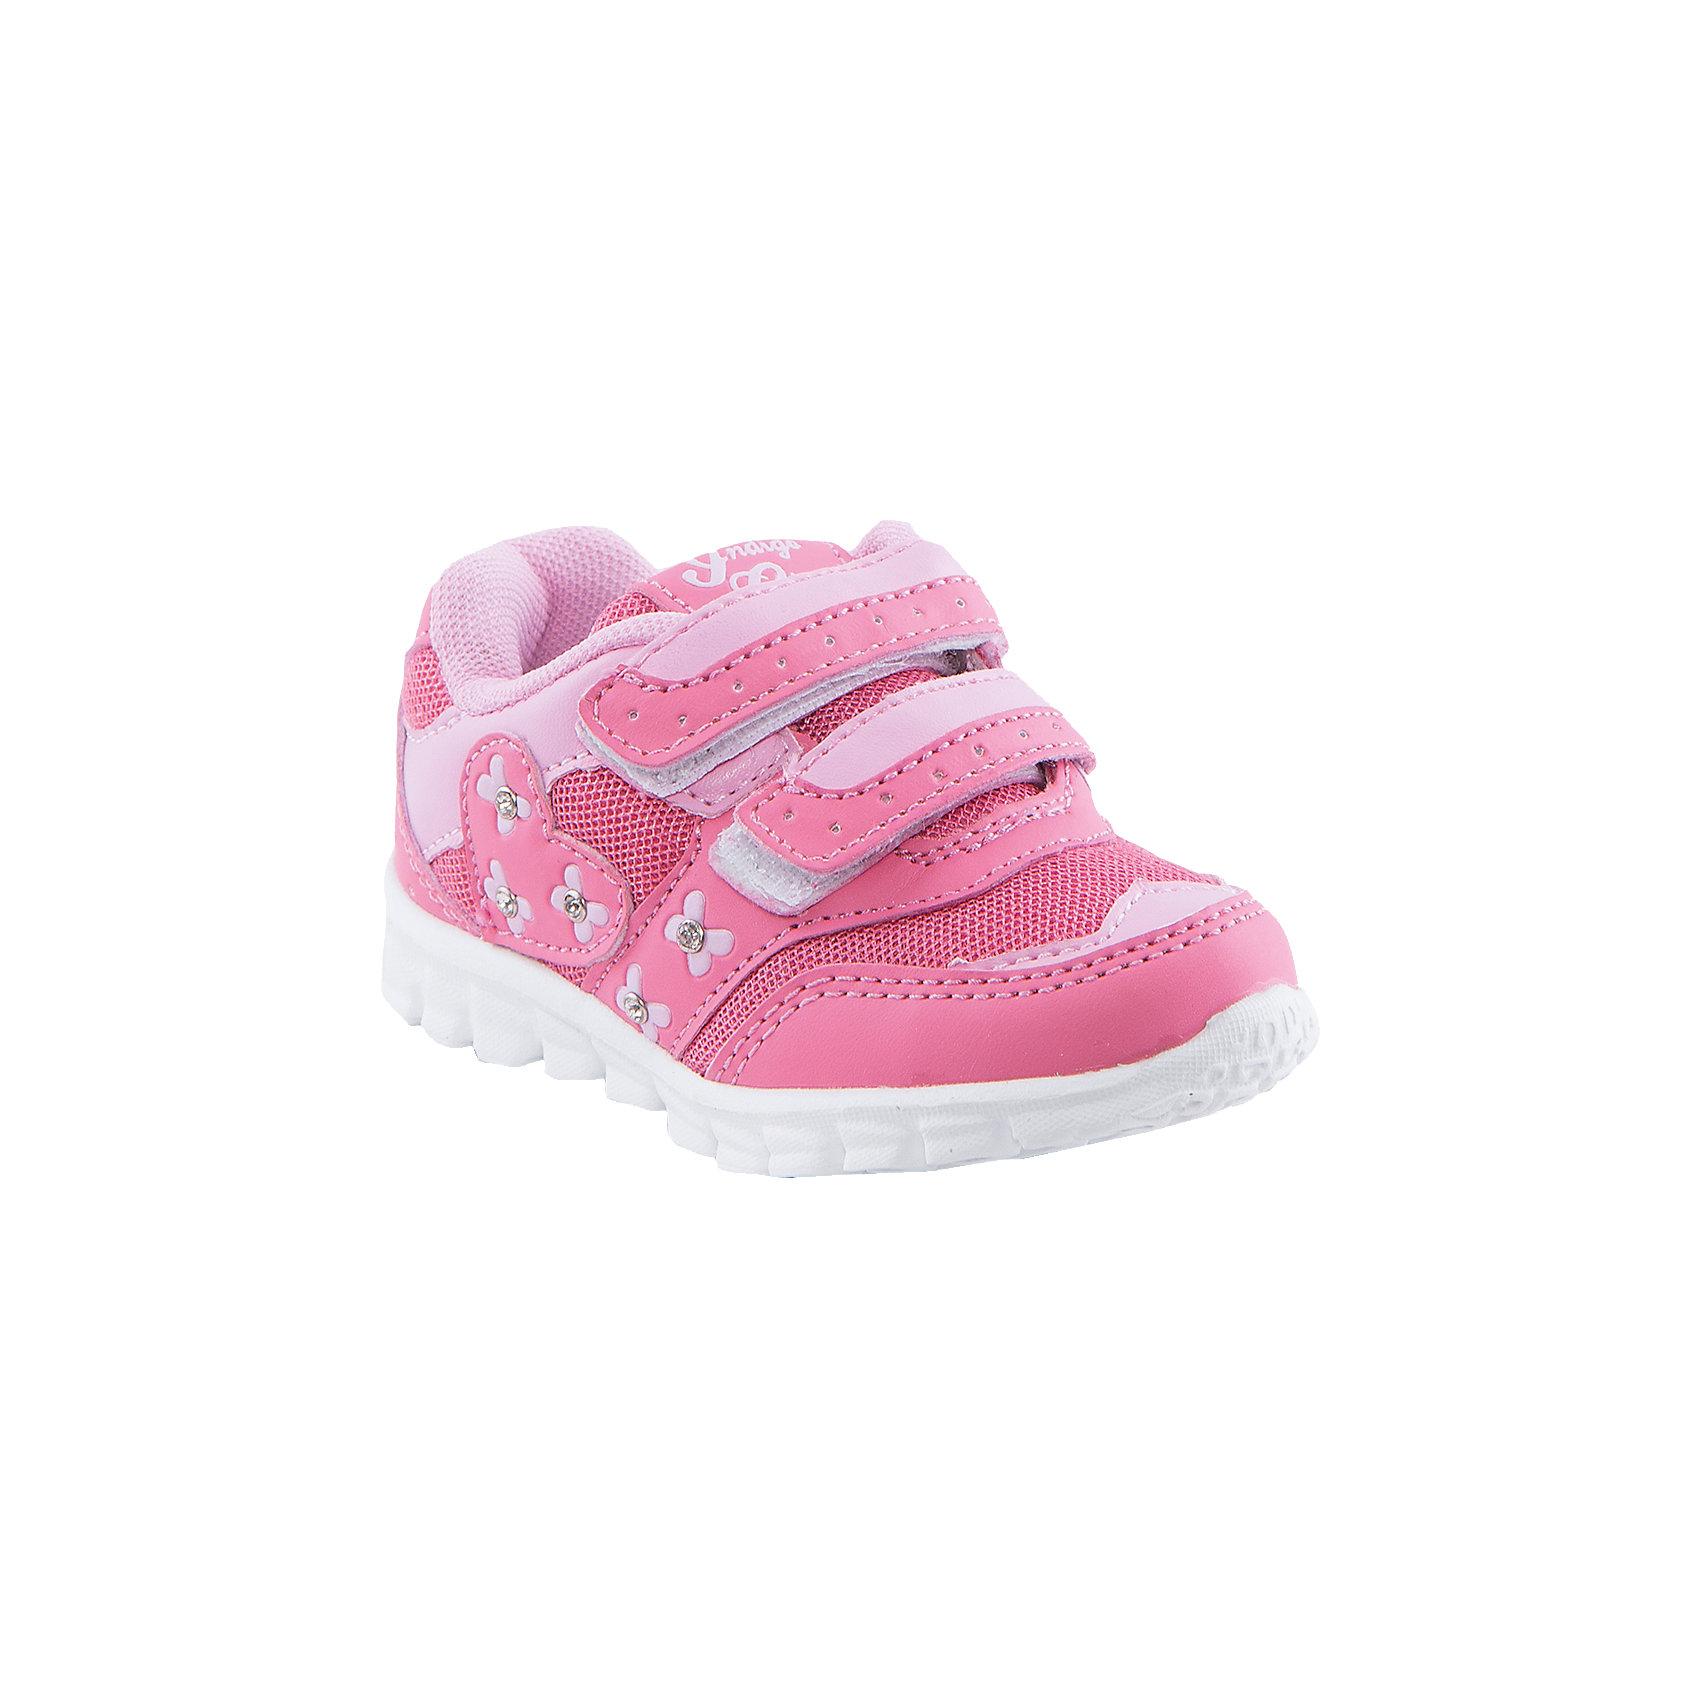 Кроссовки для девочки Indigo kidsБотинки для девочки от известного бренда Indigo kids<br><br>Модные розовые кроссовки позволяют ножкам ребенка свободно дышать. Они легко надеваются и комфортно садятся по ноге. <br><br>Особенности модели:<br><br>- цвет - розовый;<br>- стильный дизайн;<br>- удобная колодка;<br>- текстильная подкладка;<br>- украшены стразами;<br>- устойчивая подошва;<br>- дышащая ткань;<br>- застежки: липучки.<br><br>Дополнительная информация:<br><br>Температурный режим:<br>от +10° С до +20° С<br><br>Состав:<br><br>верх – искусственная кожа/текстиль;<br>подкладка - текстиль;<br>подошва - ТЭП.<br><br>Ботинки для девочки Indigo kids (Индиго Кидс) можно купить в нашем магазине.<br><br>Ширина мм: 262<br>Глубина мм: 176<br>Высота мм: 97<br>Вес г: 427<br>Цвет: розовый<br>Возраст от месяцев: 12<br>Возраст до месяцев: 15<br>Пол: Женский<br>Возраст: Детский<br>Размер: 21,24,26,25,23,22<br>SKU: 4520223